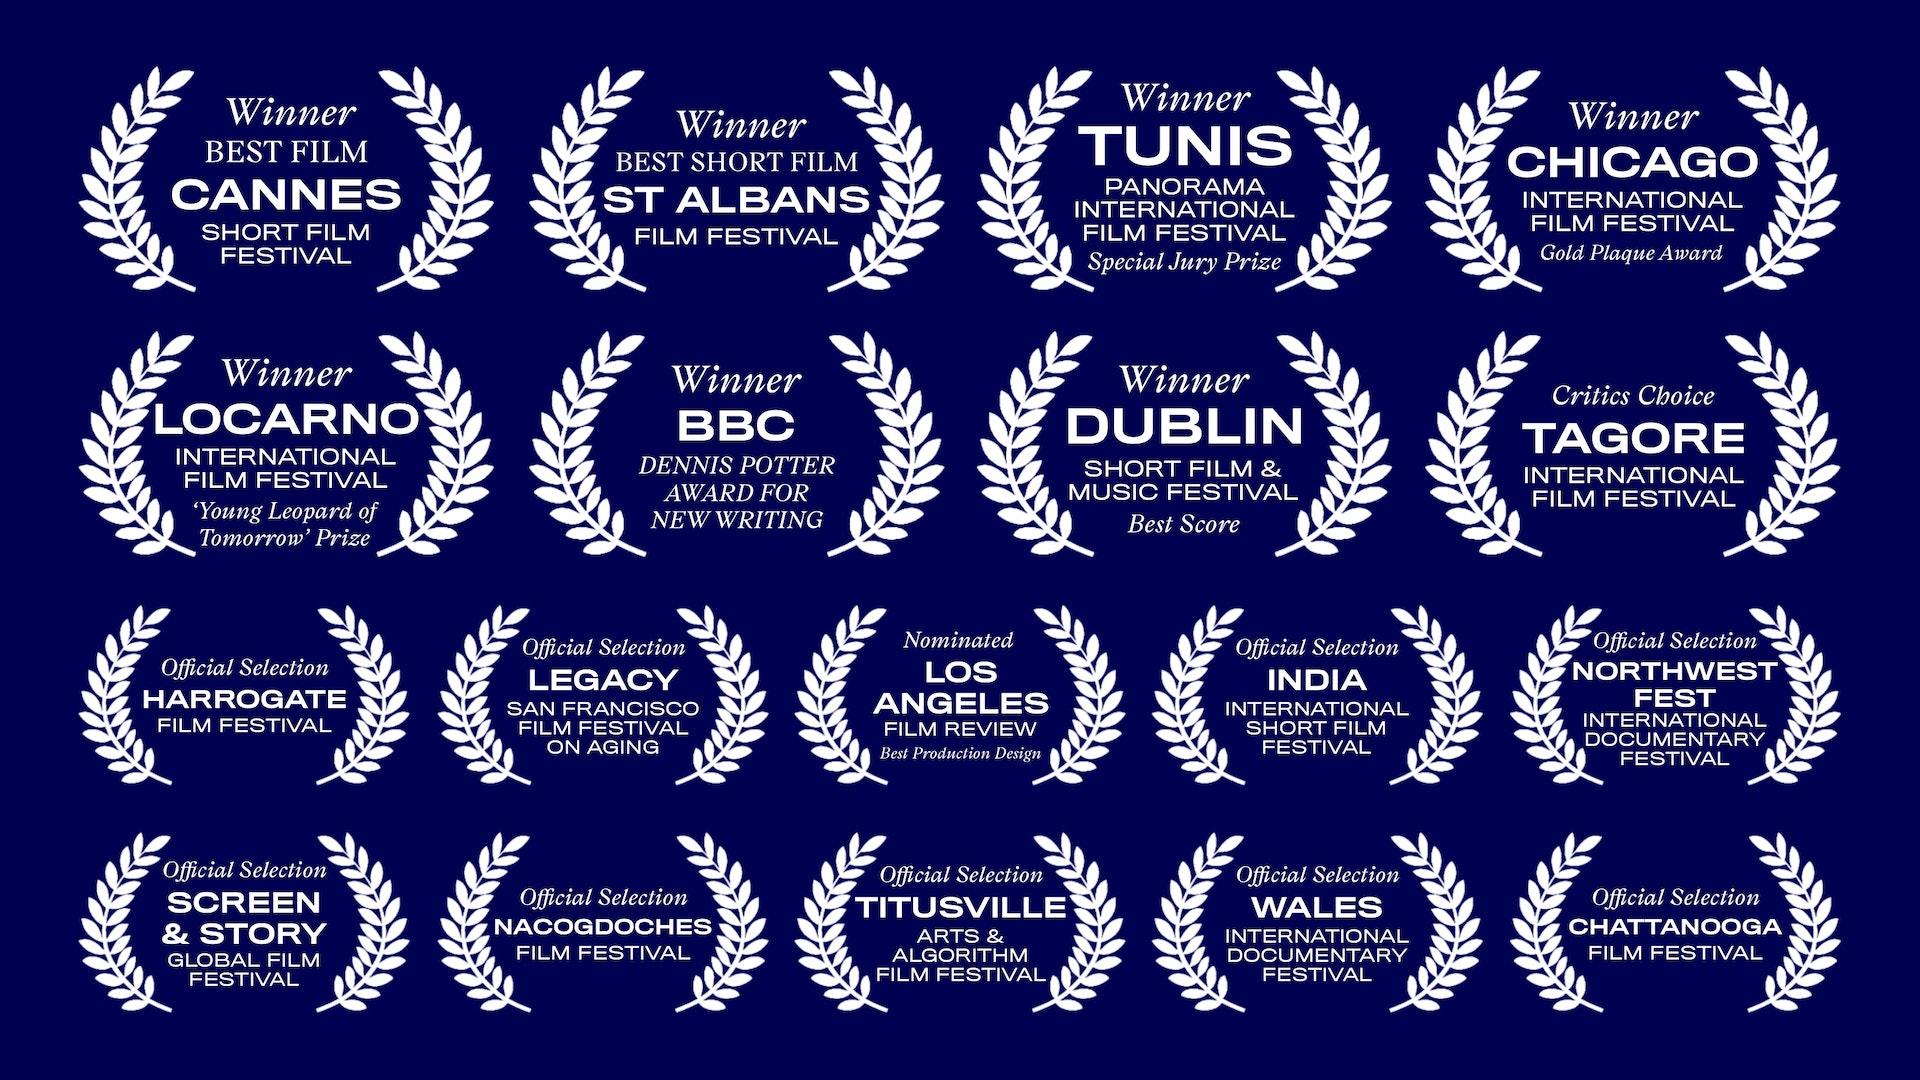 Selected Film Festival Awards